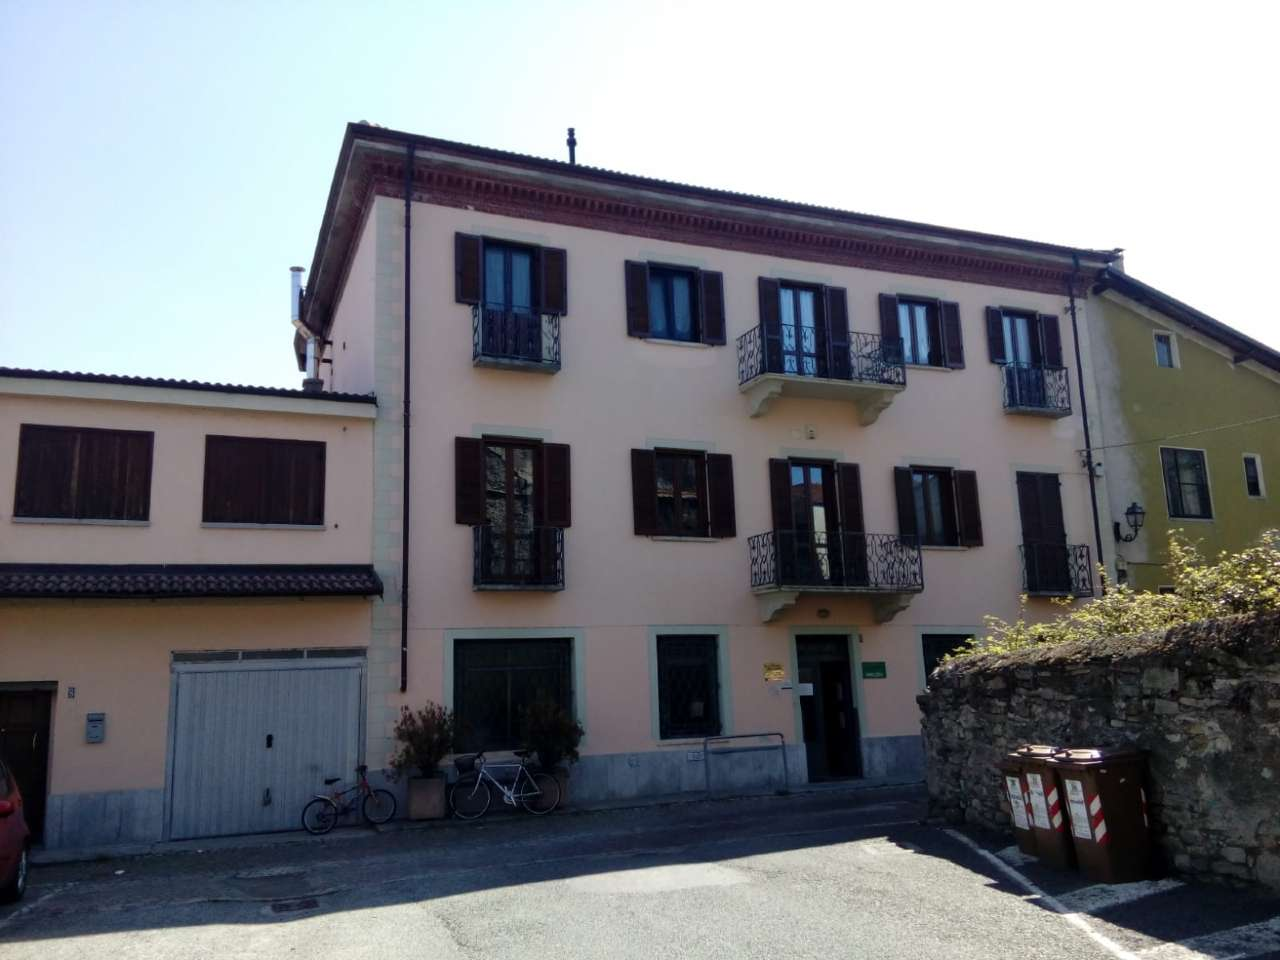 Ufficio / Studio in affitto a Bussoleno, 4 locali, prezzo € 580 | CambioCasa.it